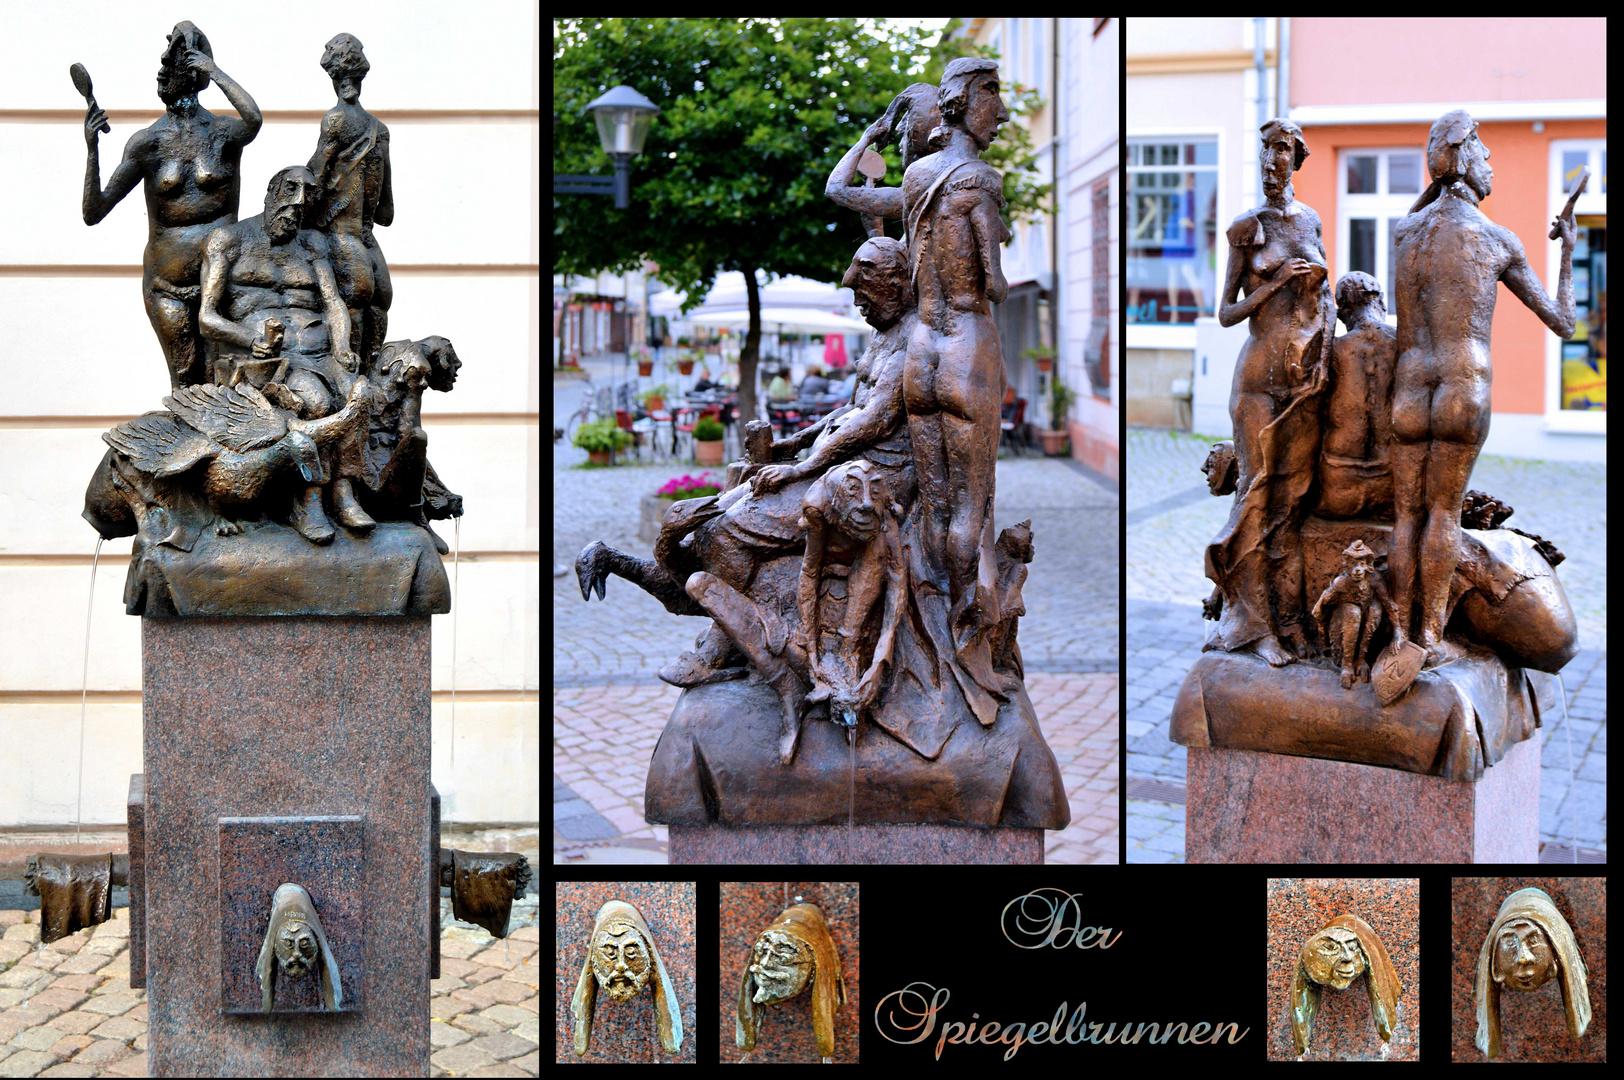 Der Spiegelbrunnen in der Fußgängerzone von Heilbad Heiligenstadt